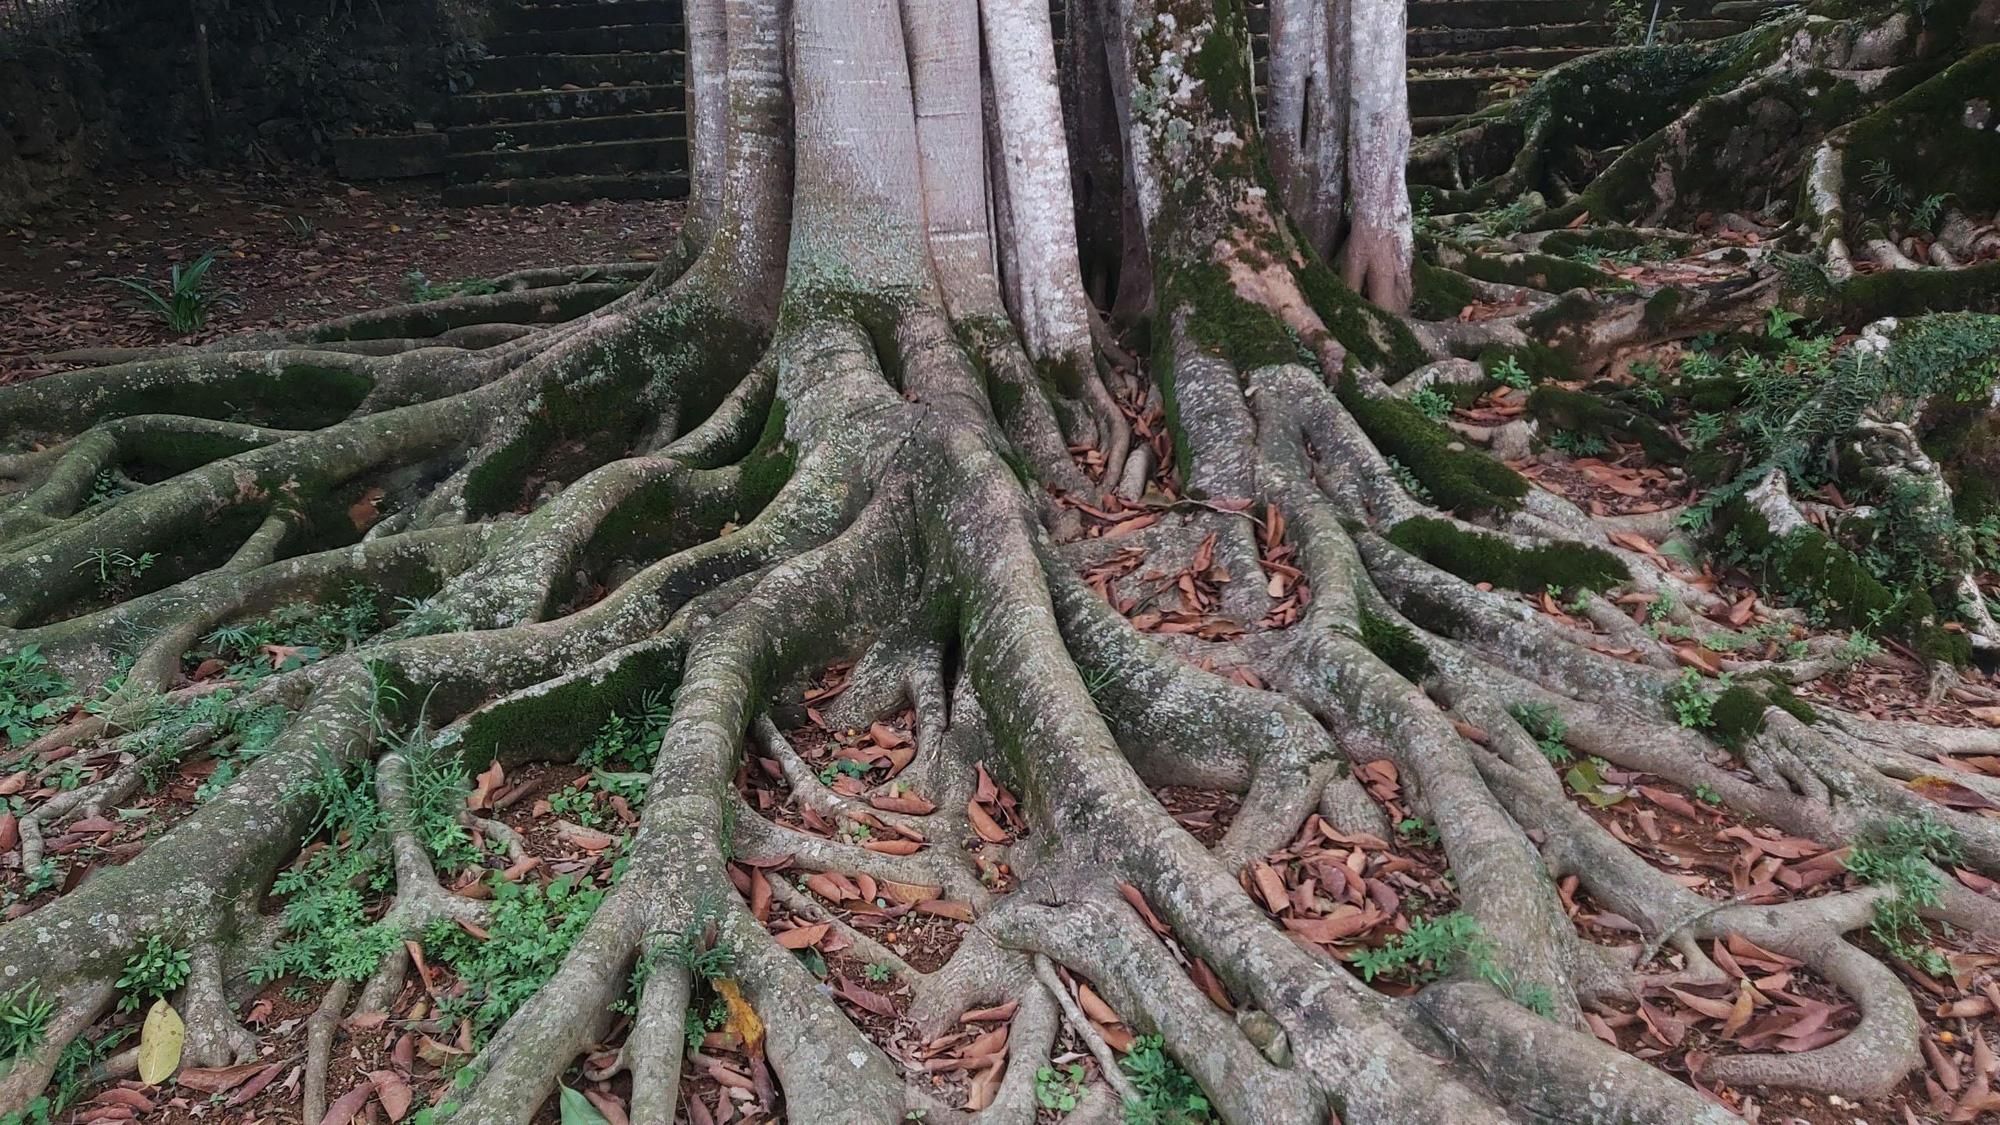 """""""Quái cây"""" đa Thần Rùa hàng ngàn năm tuổi với bộ rễ quá khủng như những con rắn khổng lồ - Ảnh 5."""